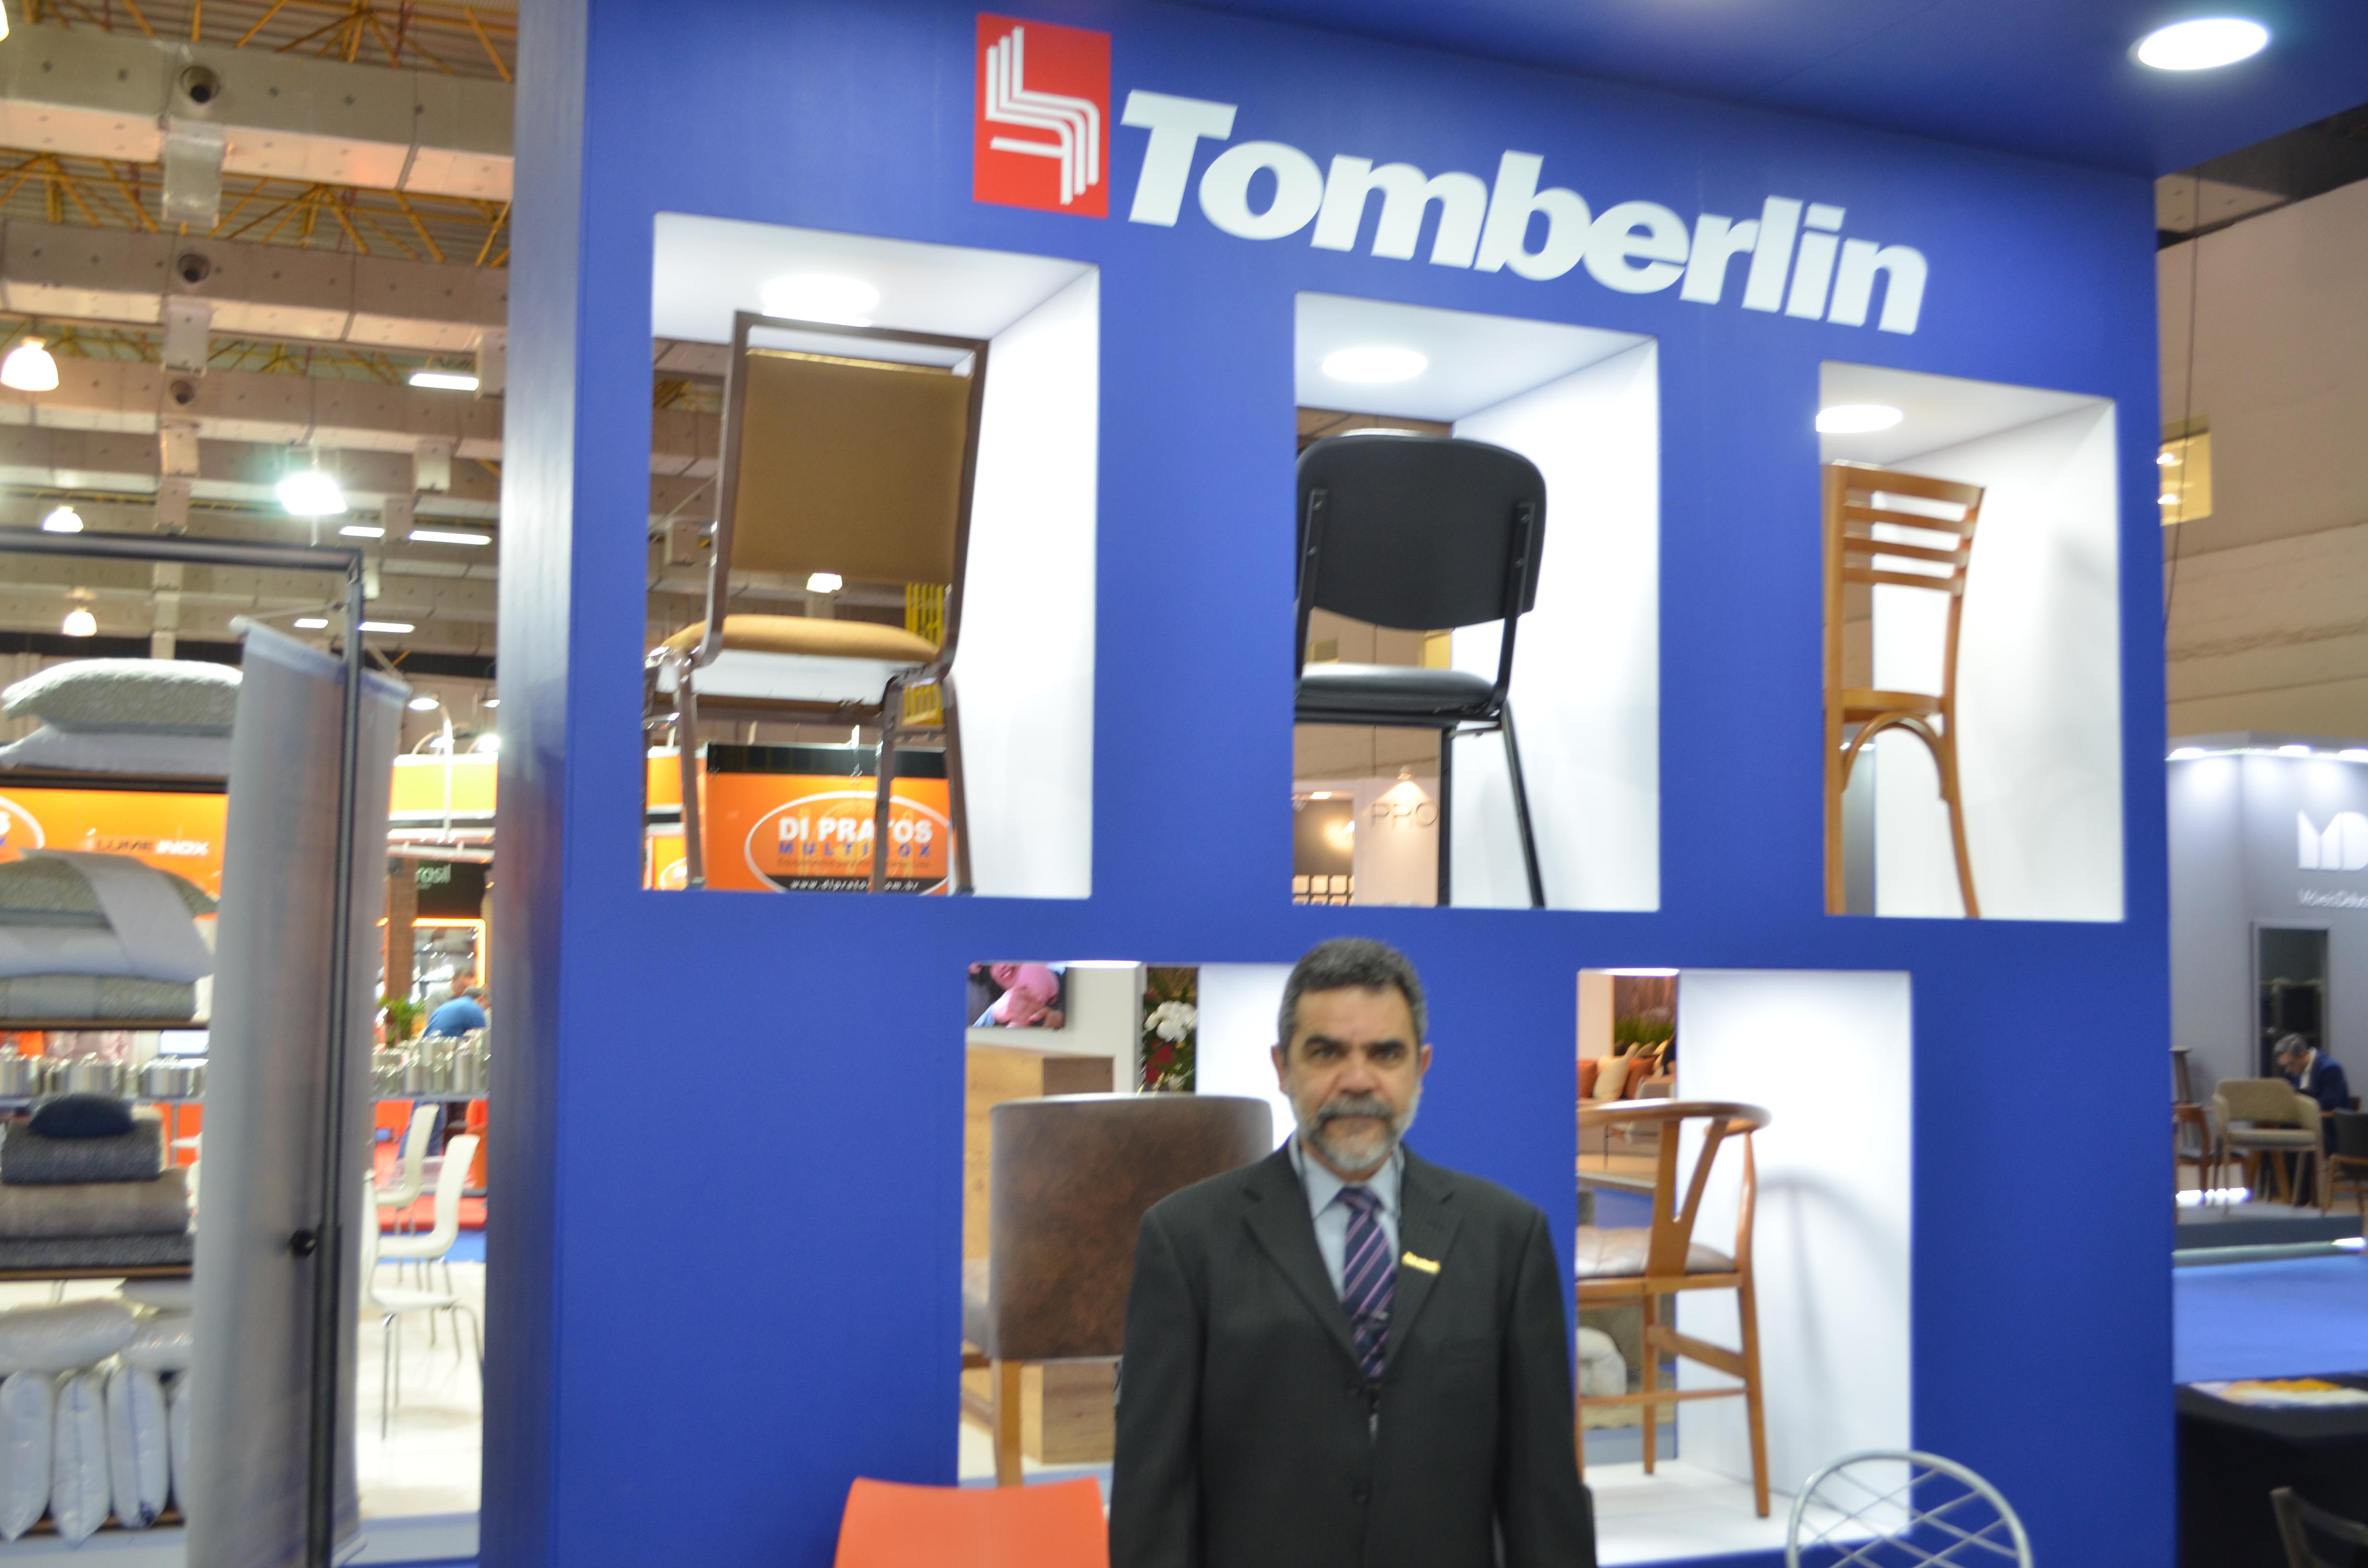 Tomberlin participa da primeira edição do Hospitality